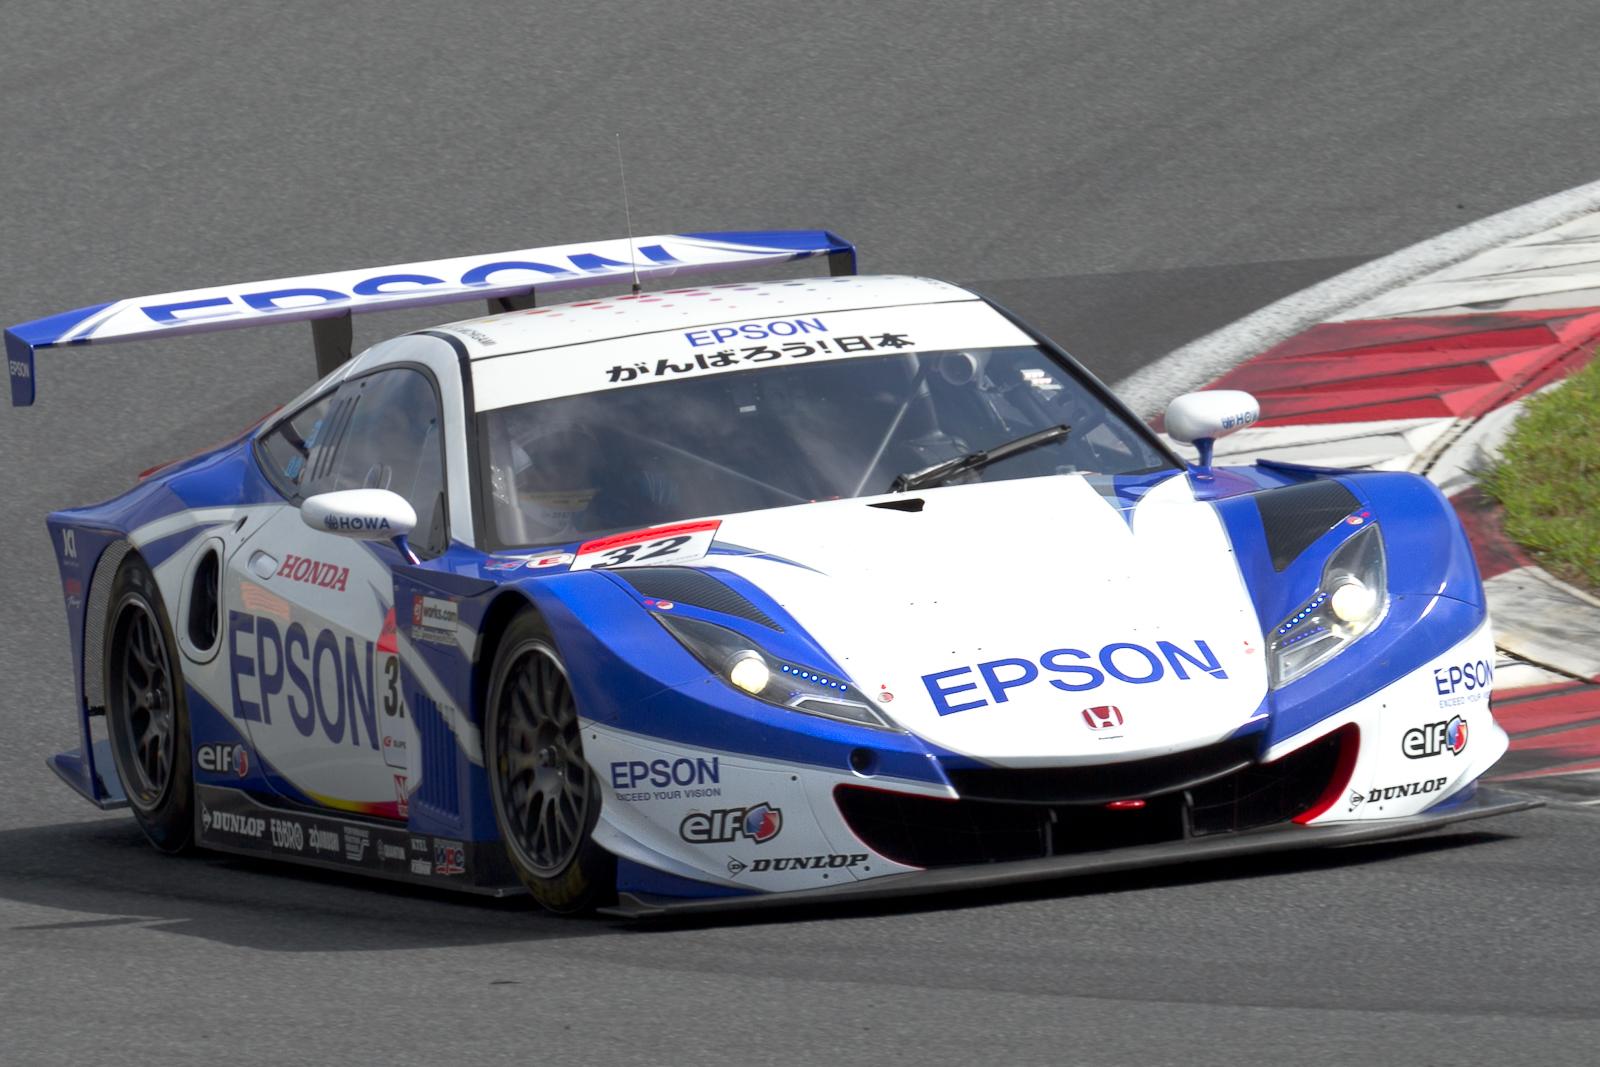 Race Car Wallpaper Images Honda Hsv 010 Gt Wikipedia La Enciclopedia Libre